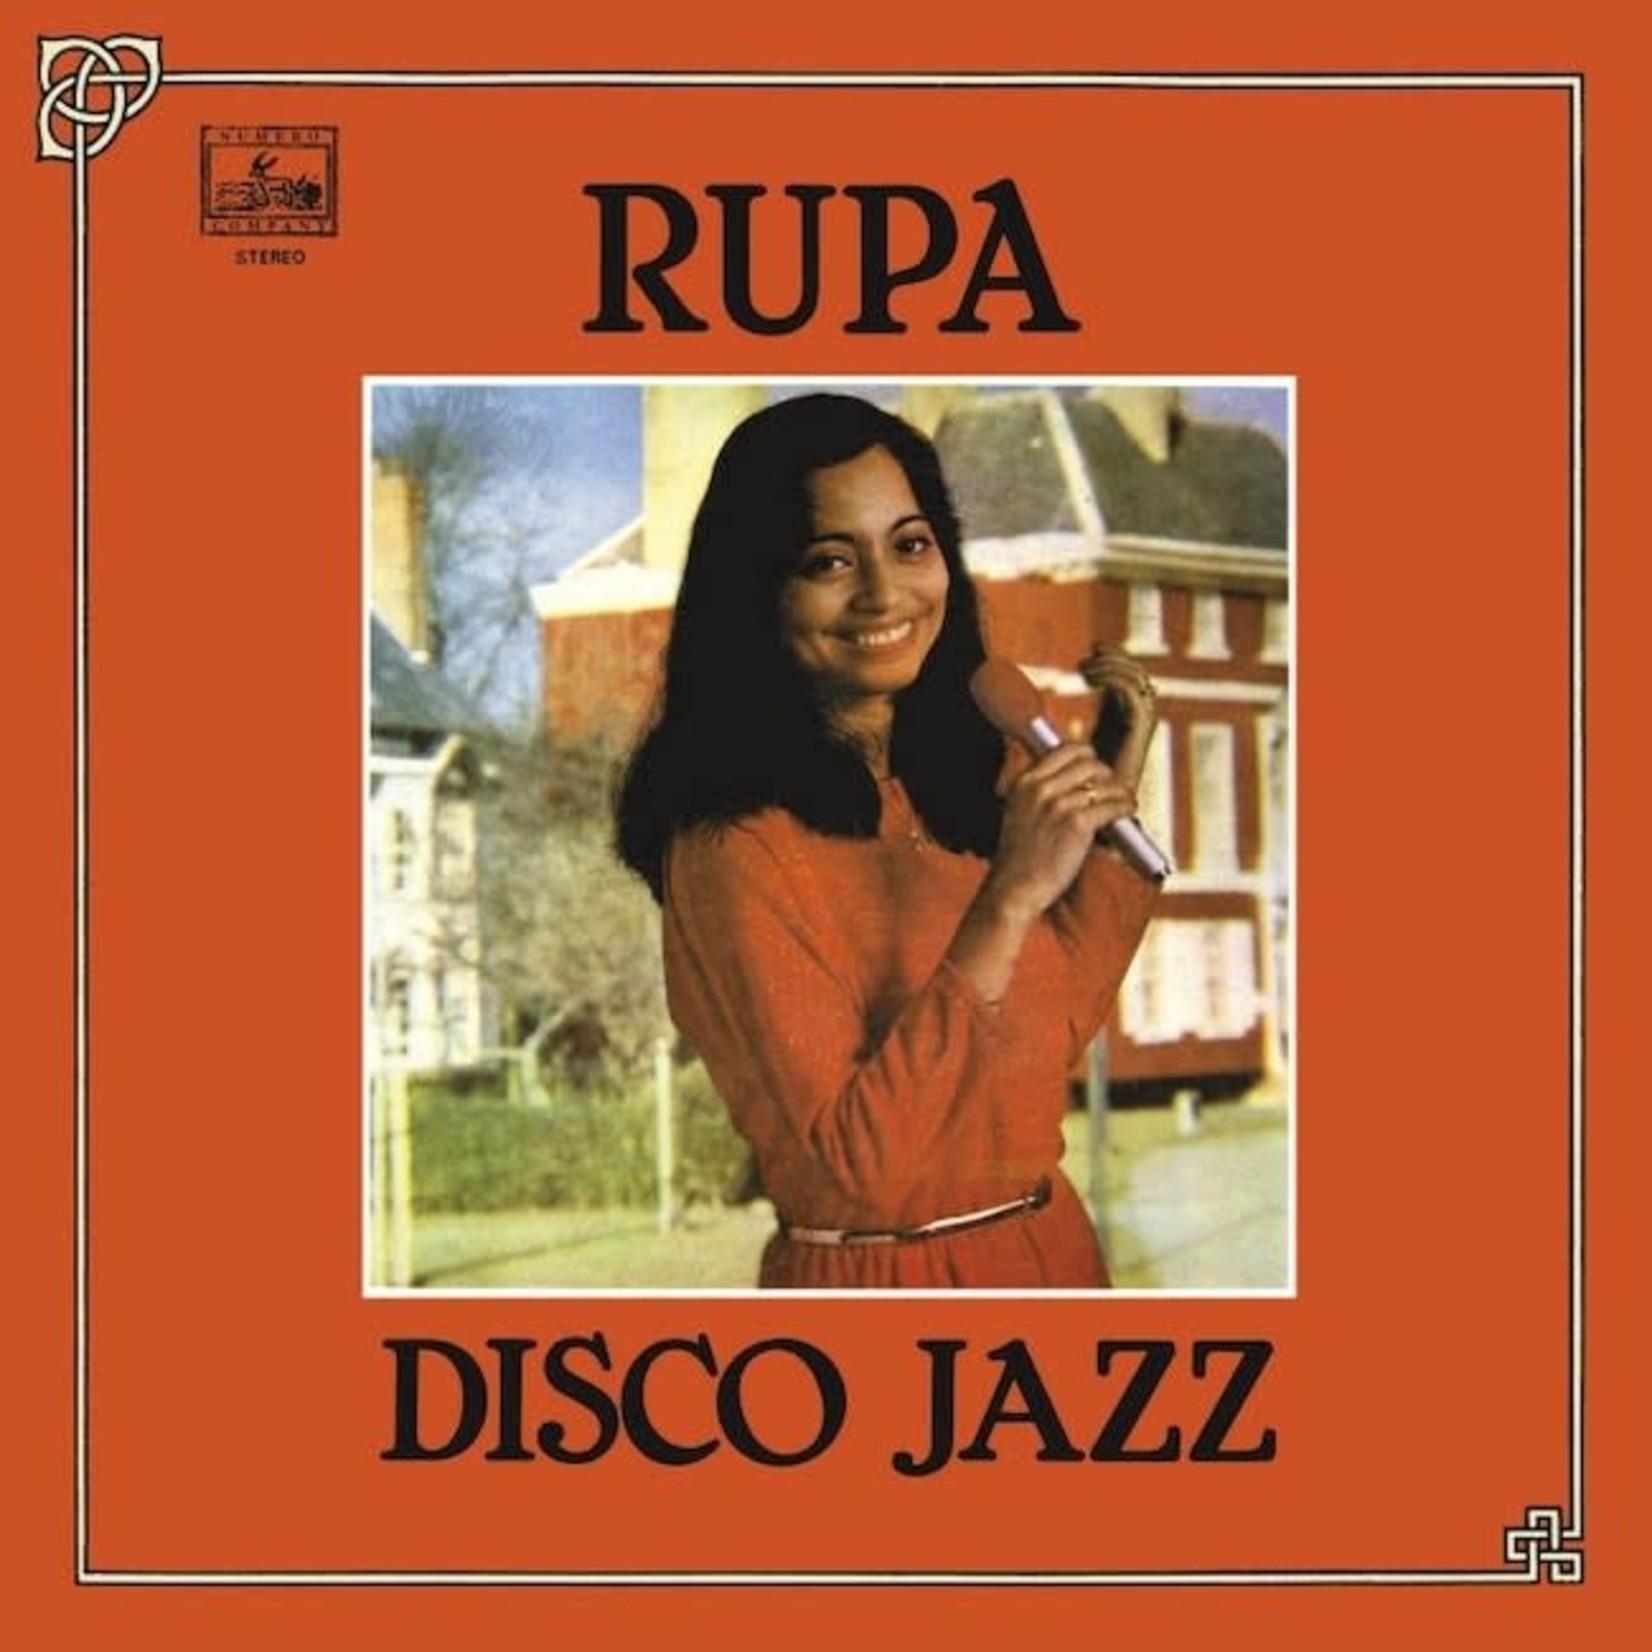 [New] Rupa: Disco Jazz